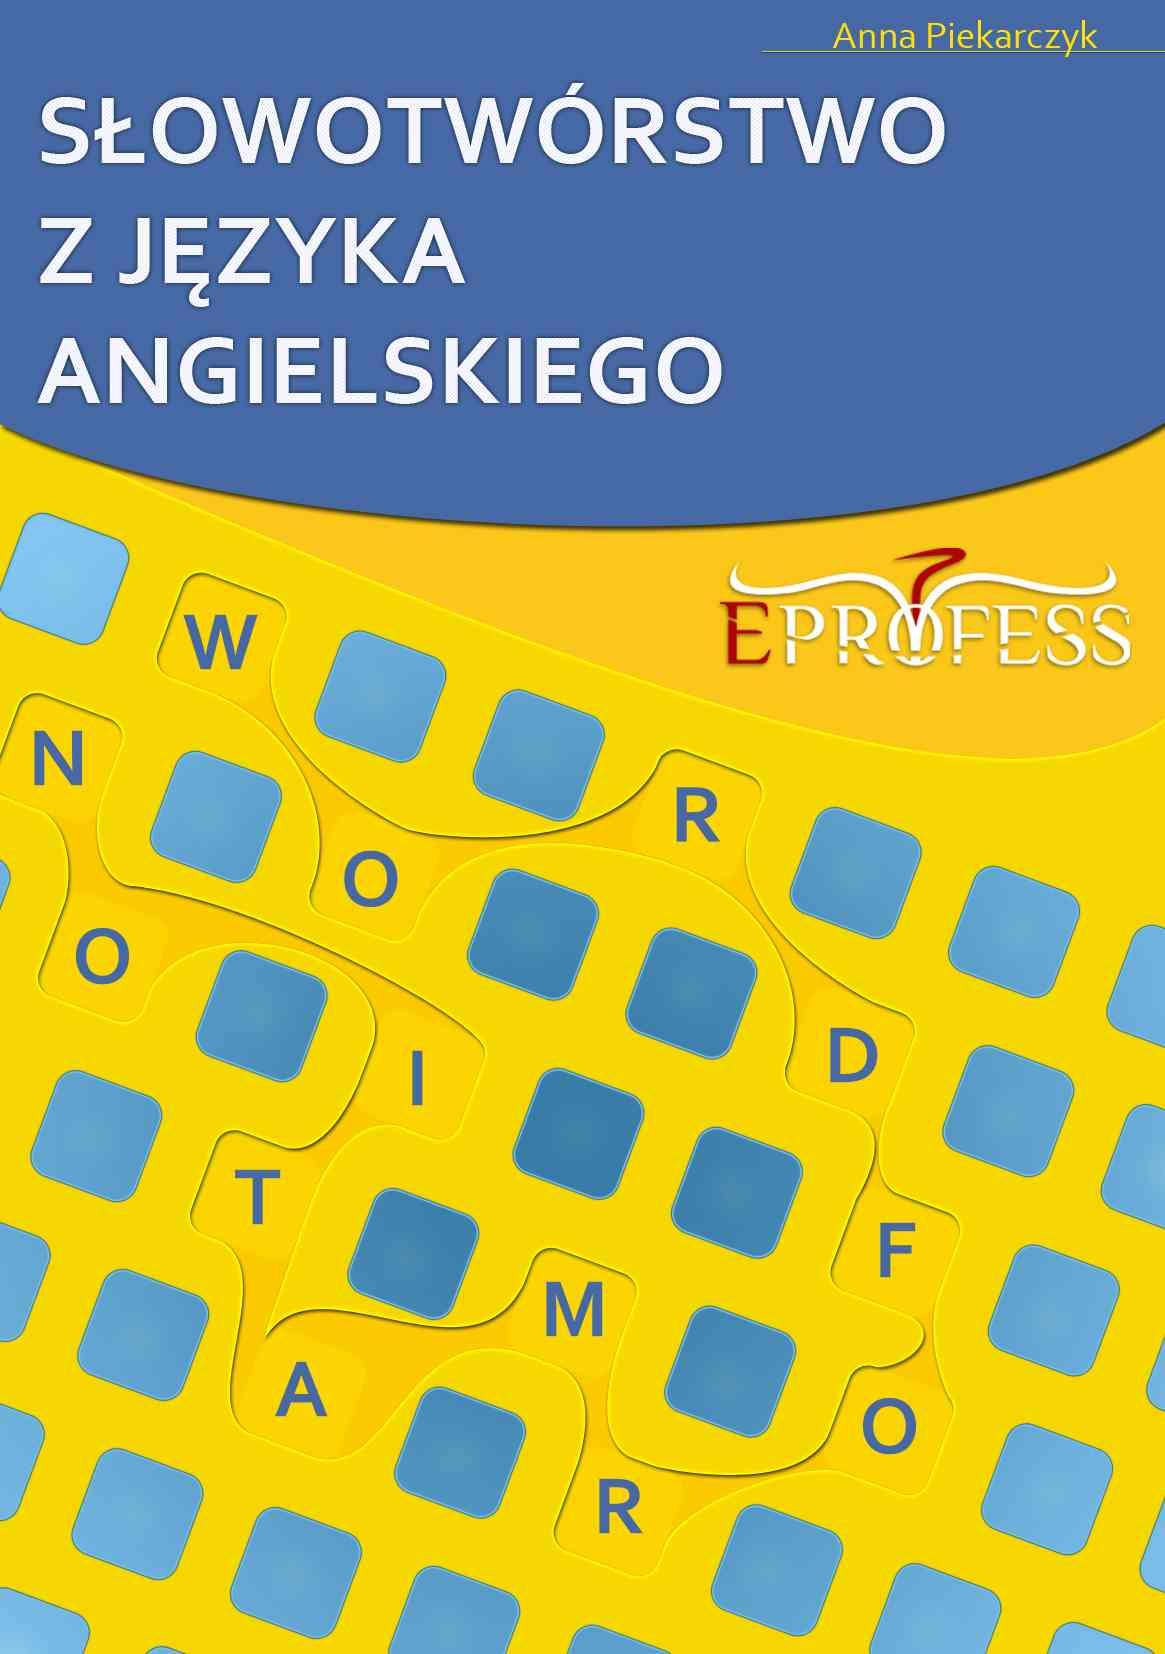 Słowotwórstwo z Języka Angielskiego - Ebook (Książka EPUB) do pobrania w formacie EPUB